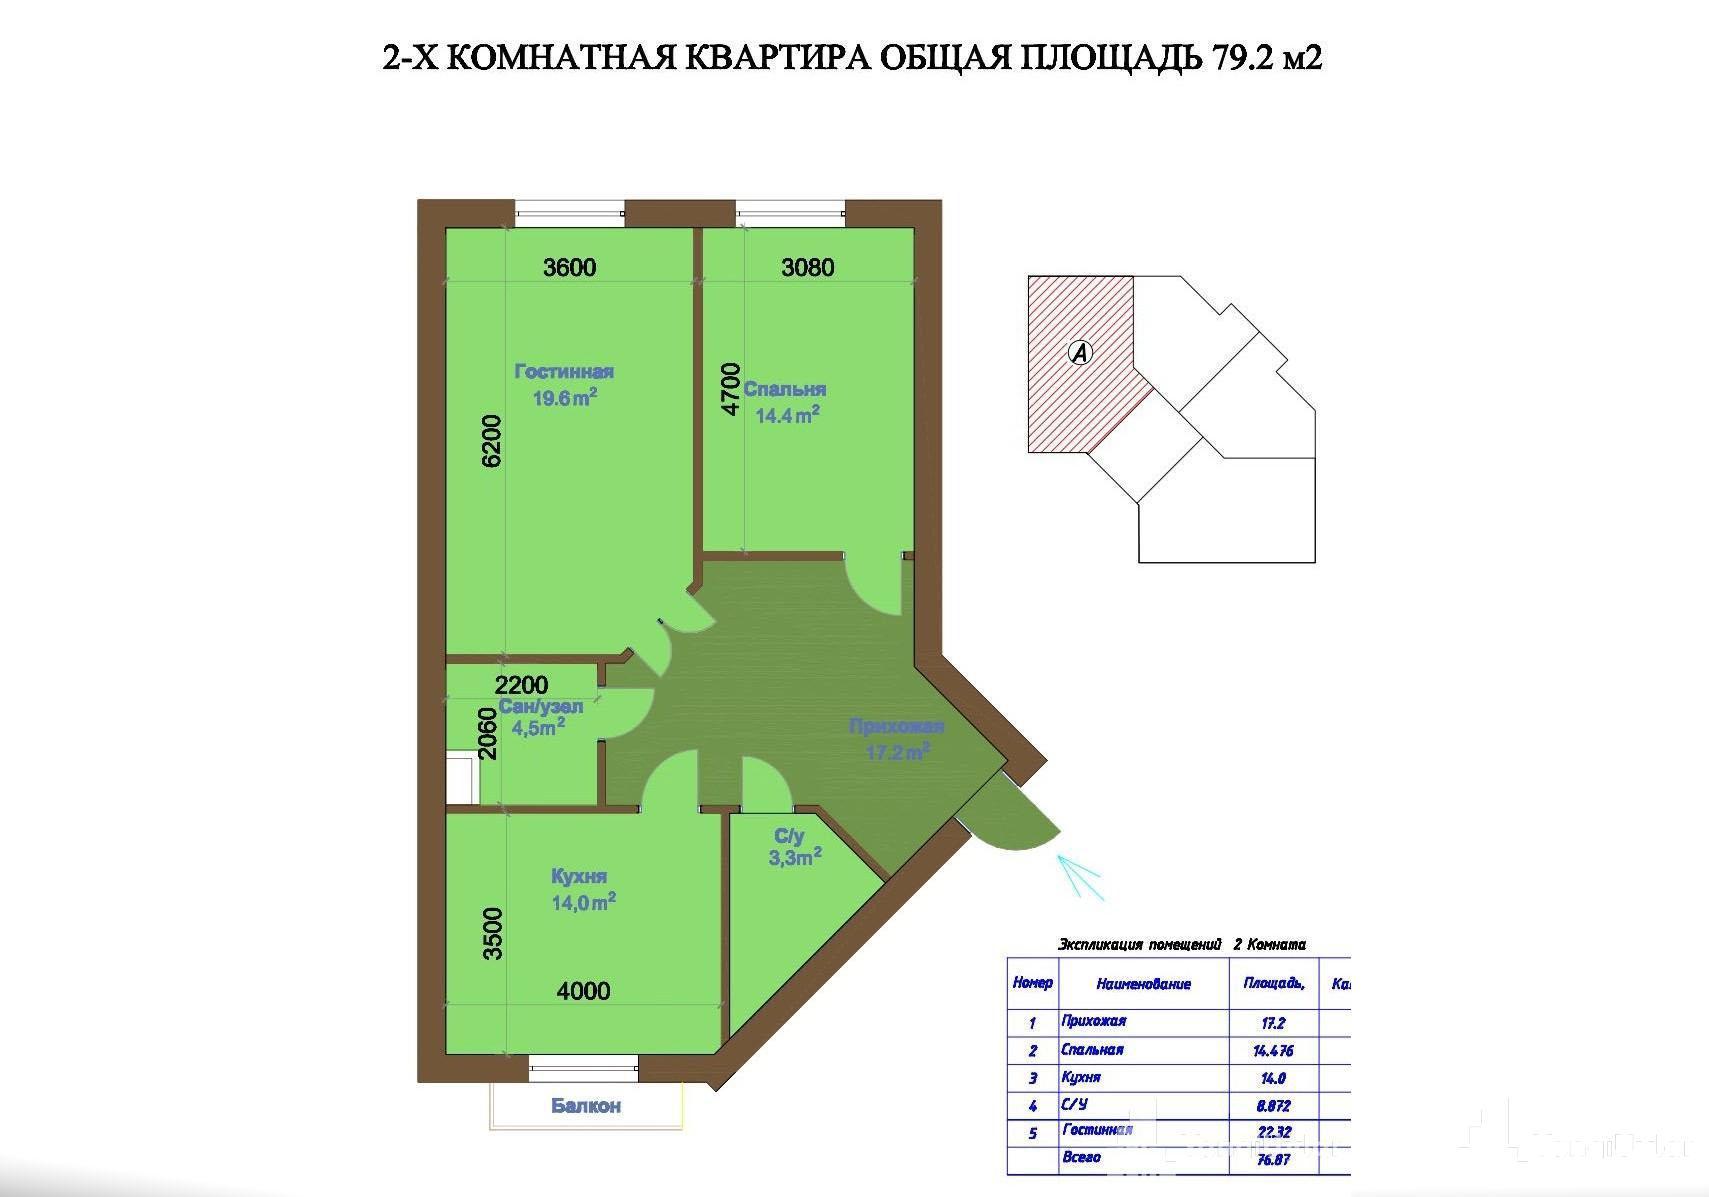 2 -комнатная